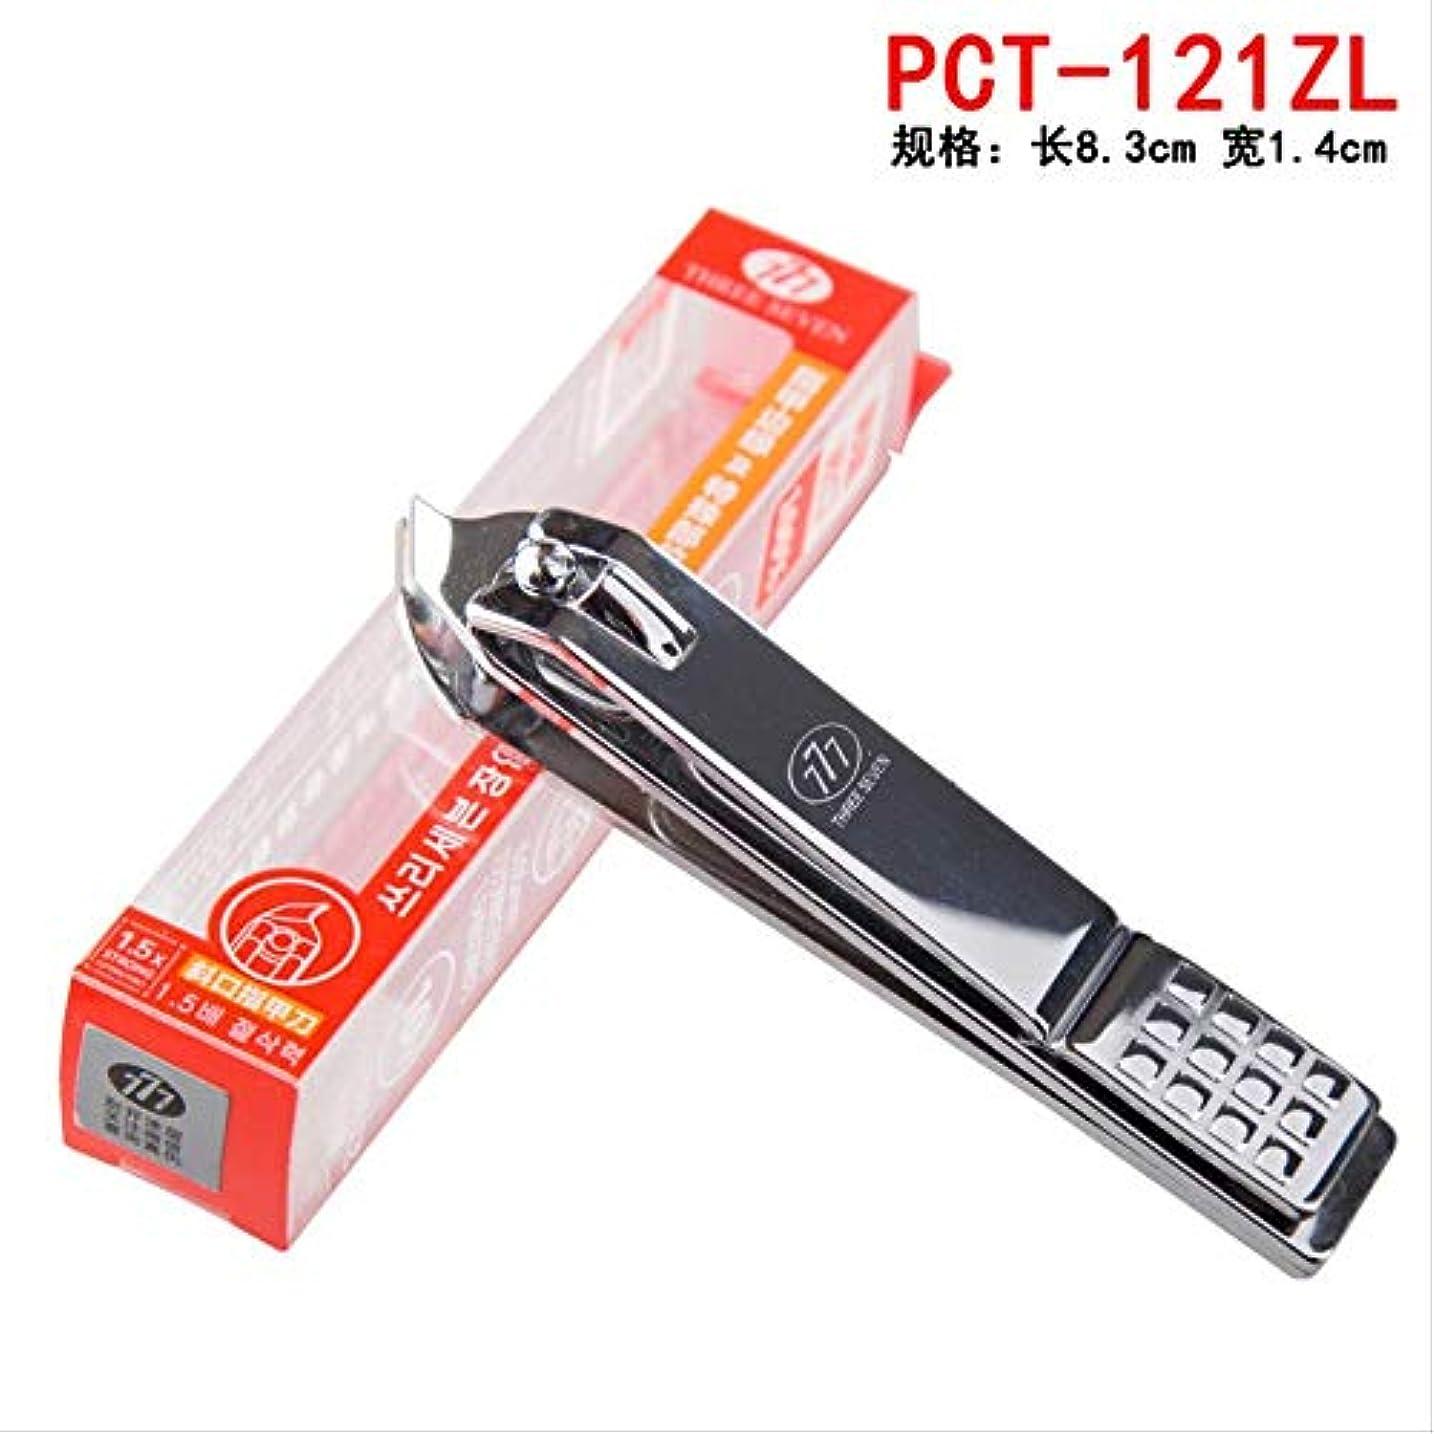 発音するレビューレベル韓国777爪切りはさみ元平口斜め爪切り小さな爪切り大本物 PCT-121ZLギフトボックス